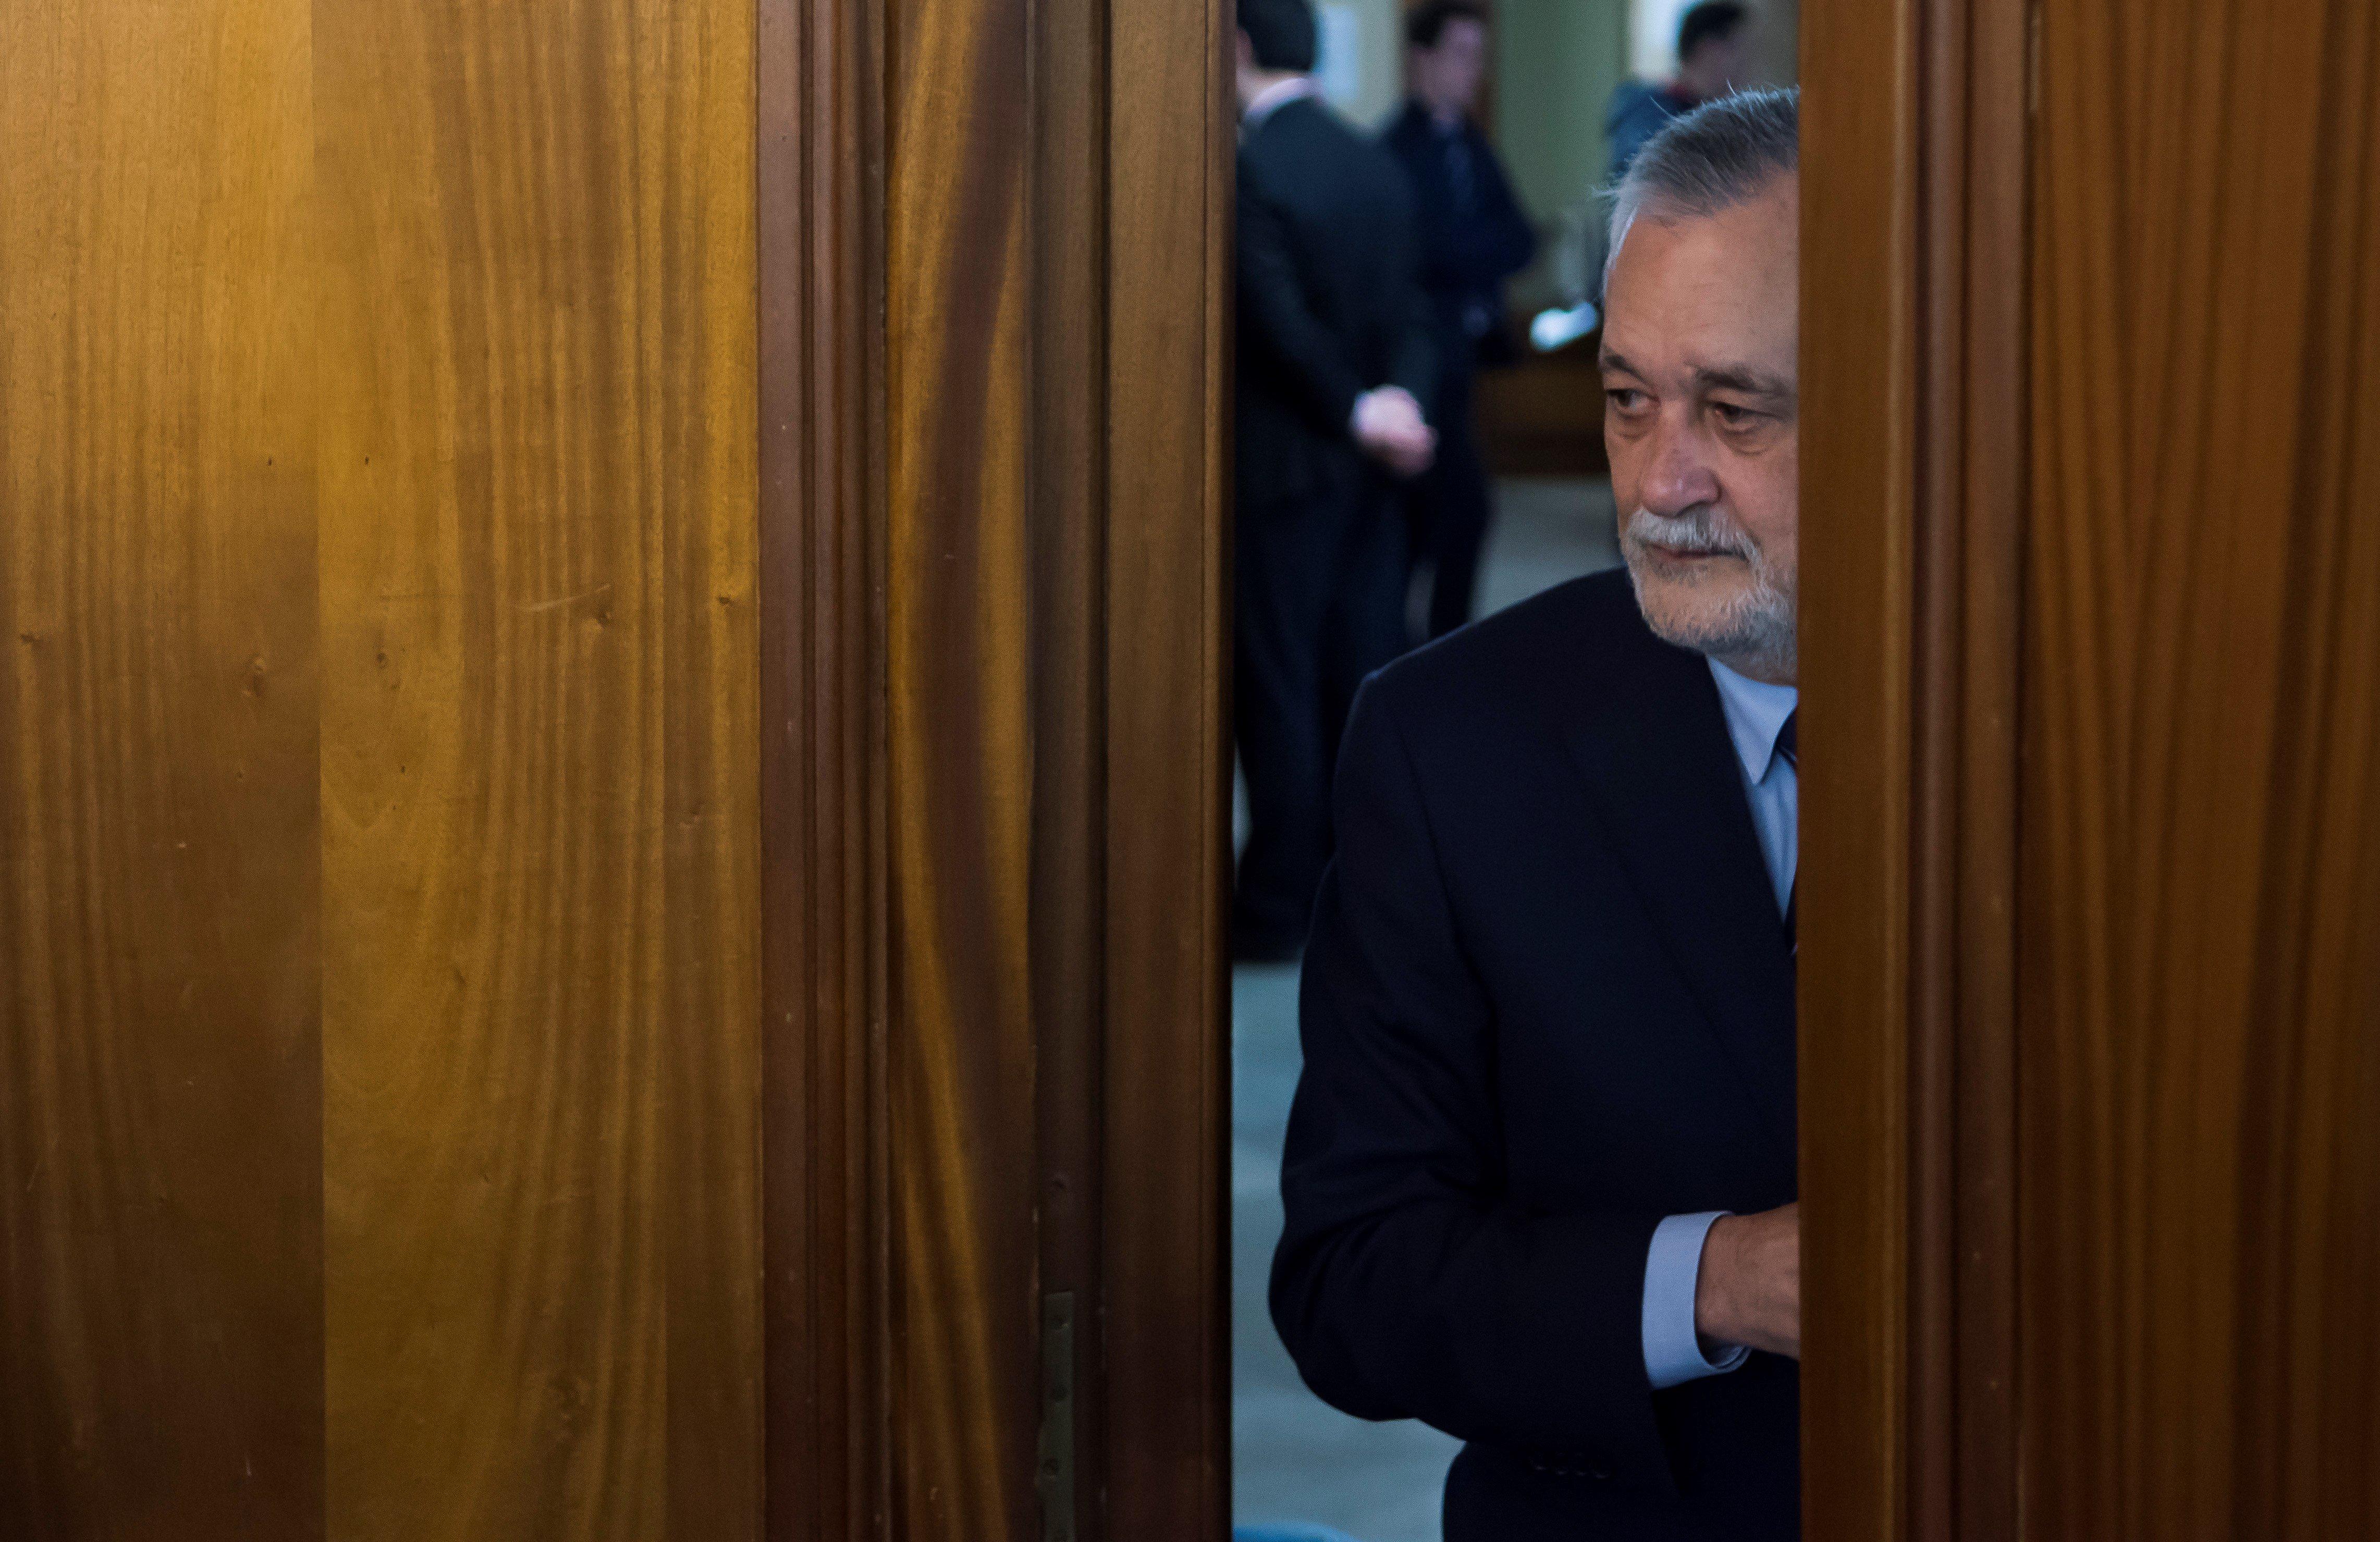 L'expresident andalús, José Antonio Griñán, entra a la sala de l'Audiència de Sevilla, on té lloc el judici pel cas dels ERO, per començar la seva declaració. /RAÚL CARO